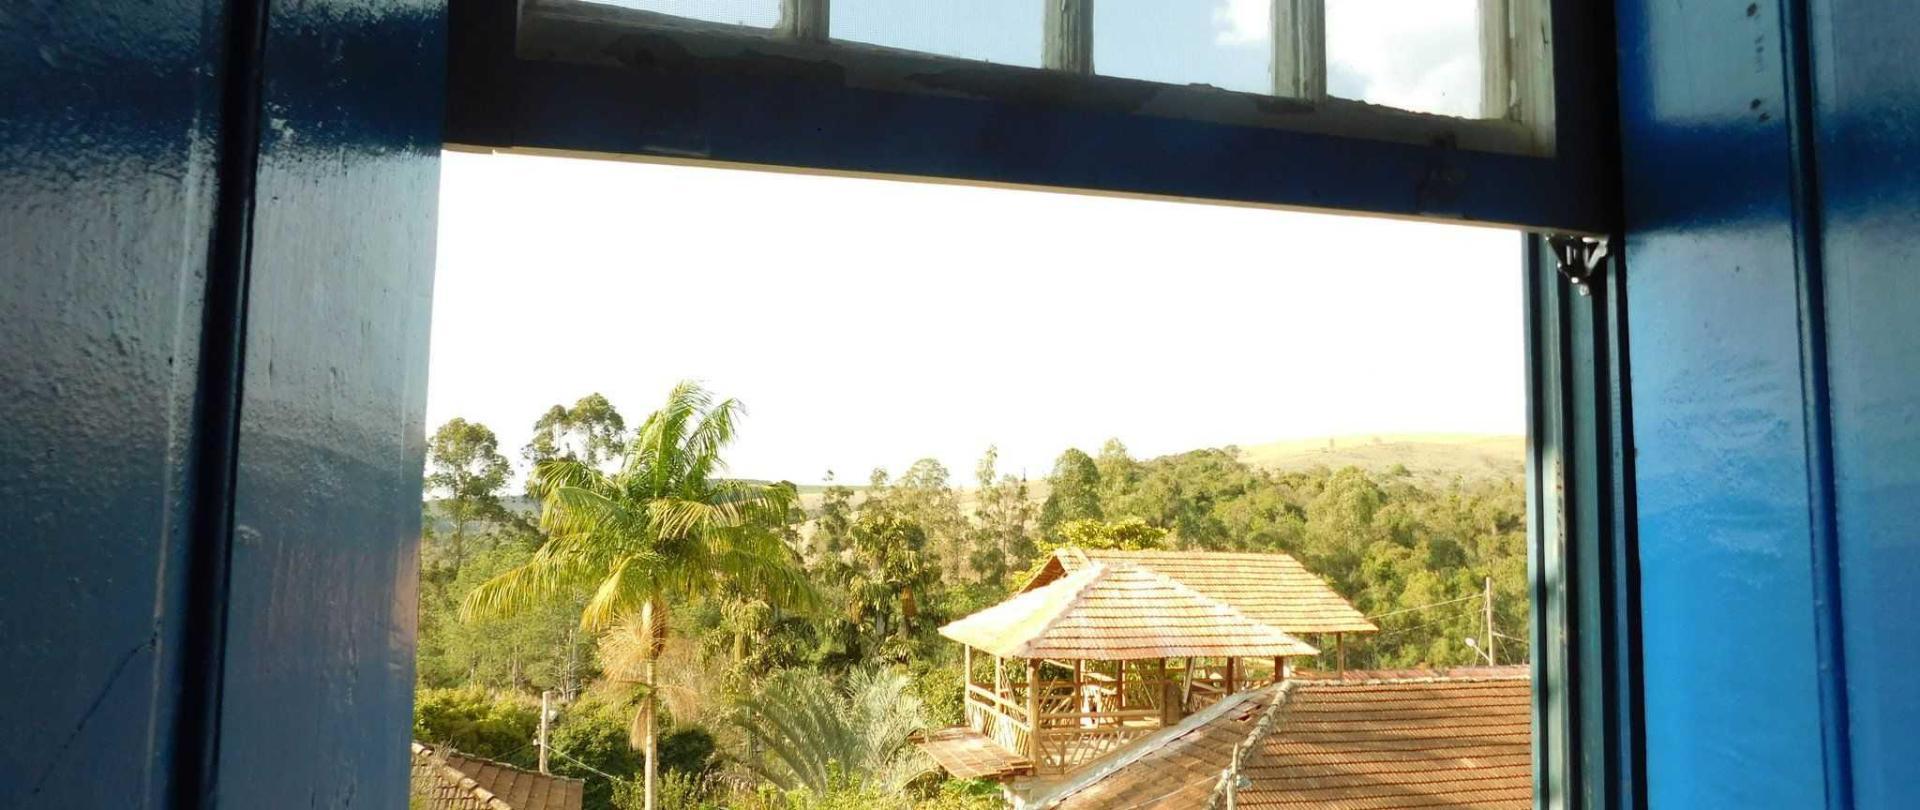 vista da janela.JPG